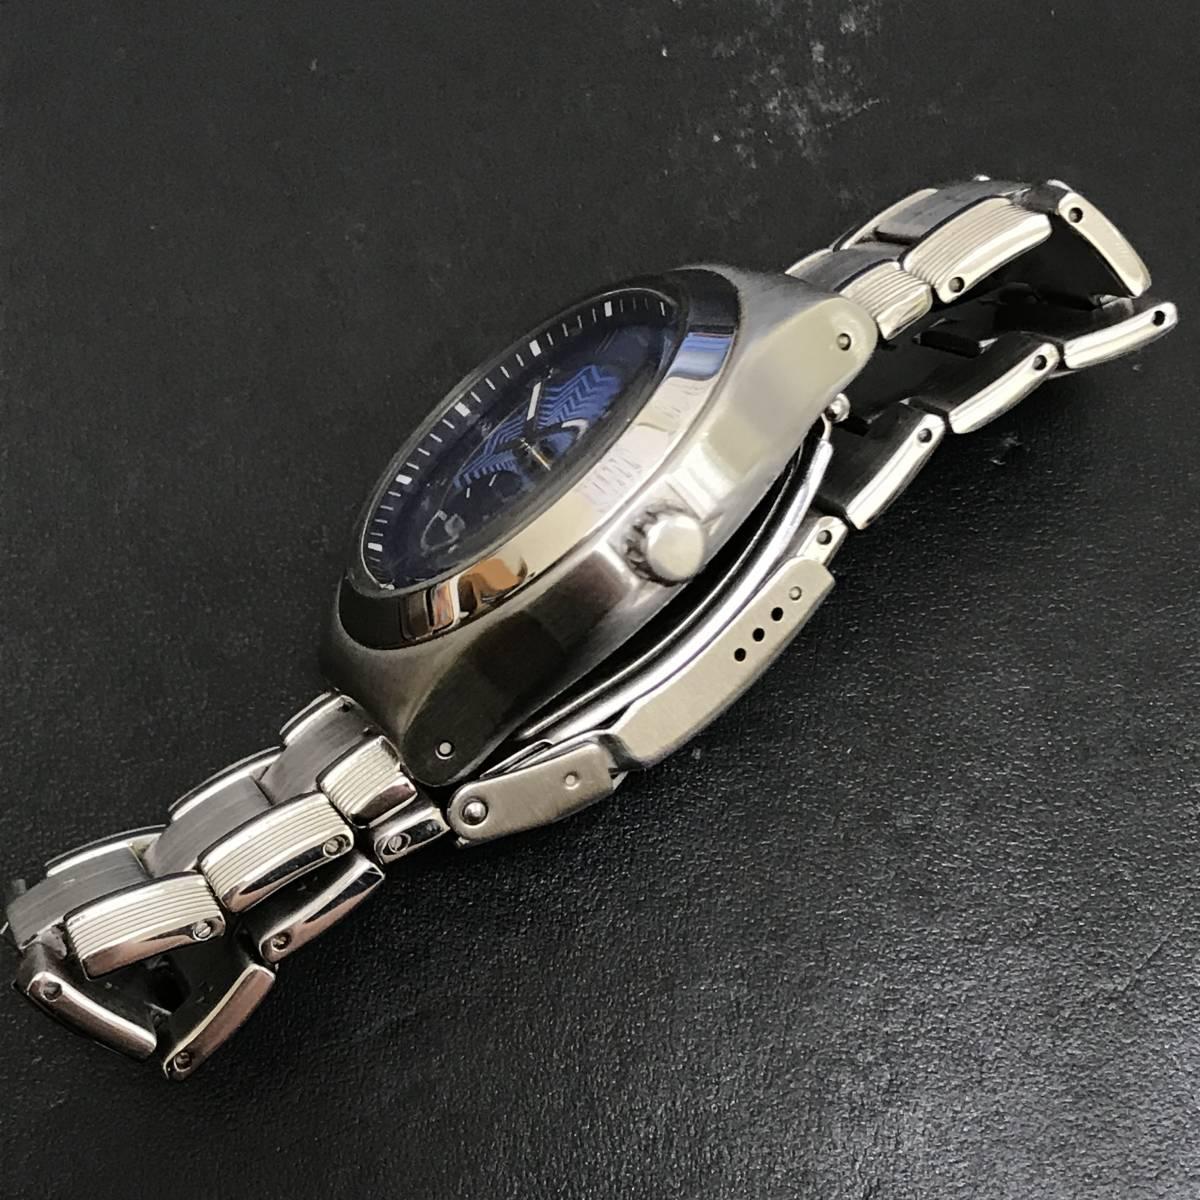 1円~■Swatch スウォッチ 腕時計 アイロニー IRONY 40mm YPS418GPU デイト クォーツ ステンレス 可動品 ケース 取説 保証書付_画像3